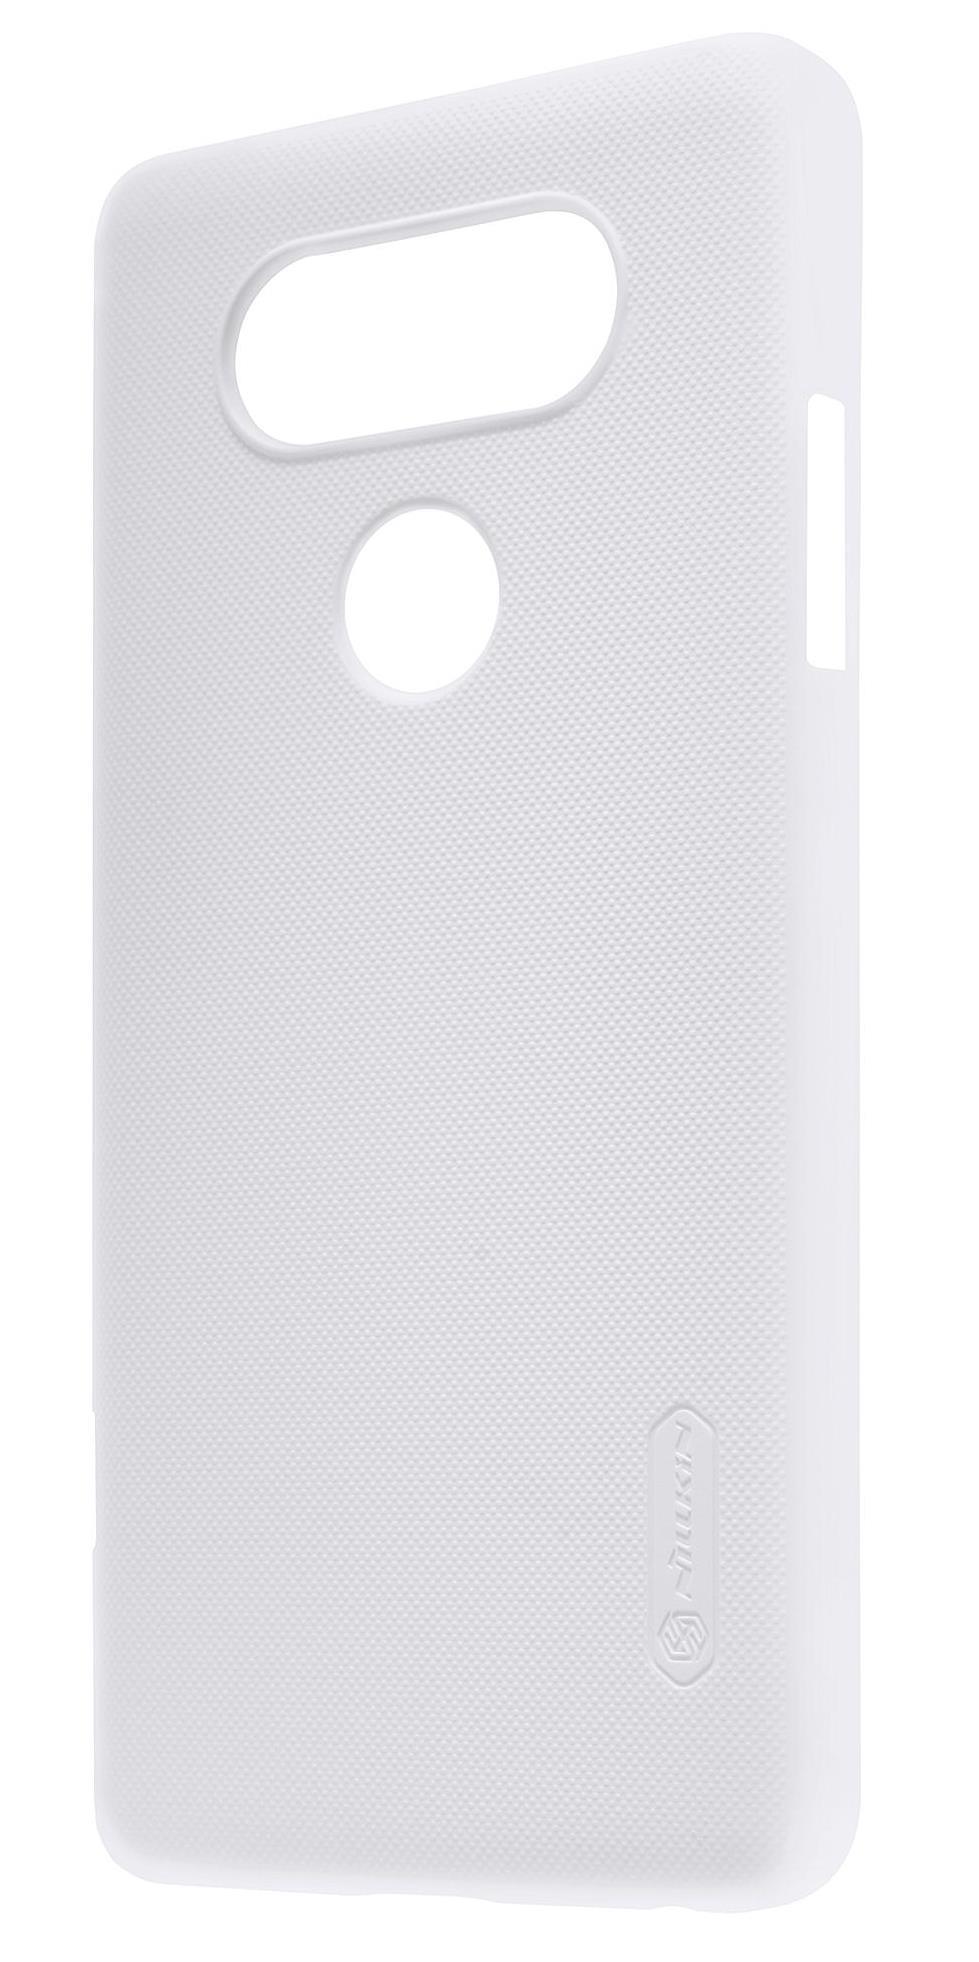 Zadní kryt Nillkin Super Frosted pro LG H870 G6 White